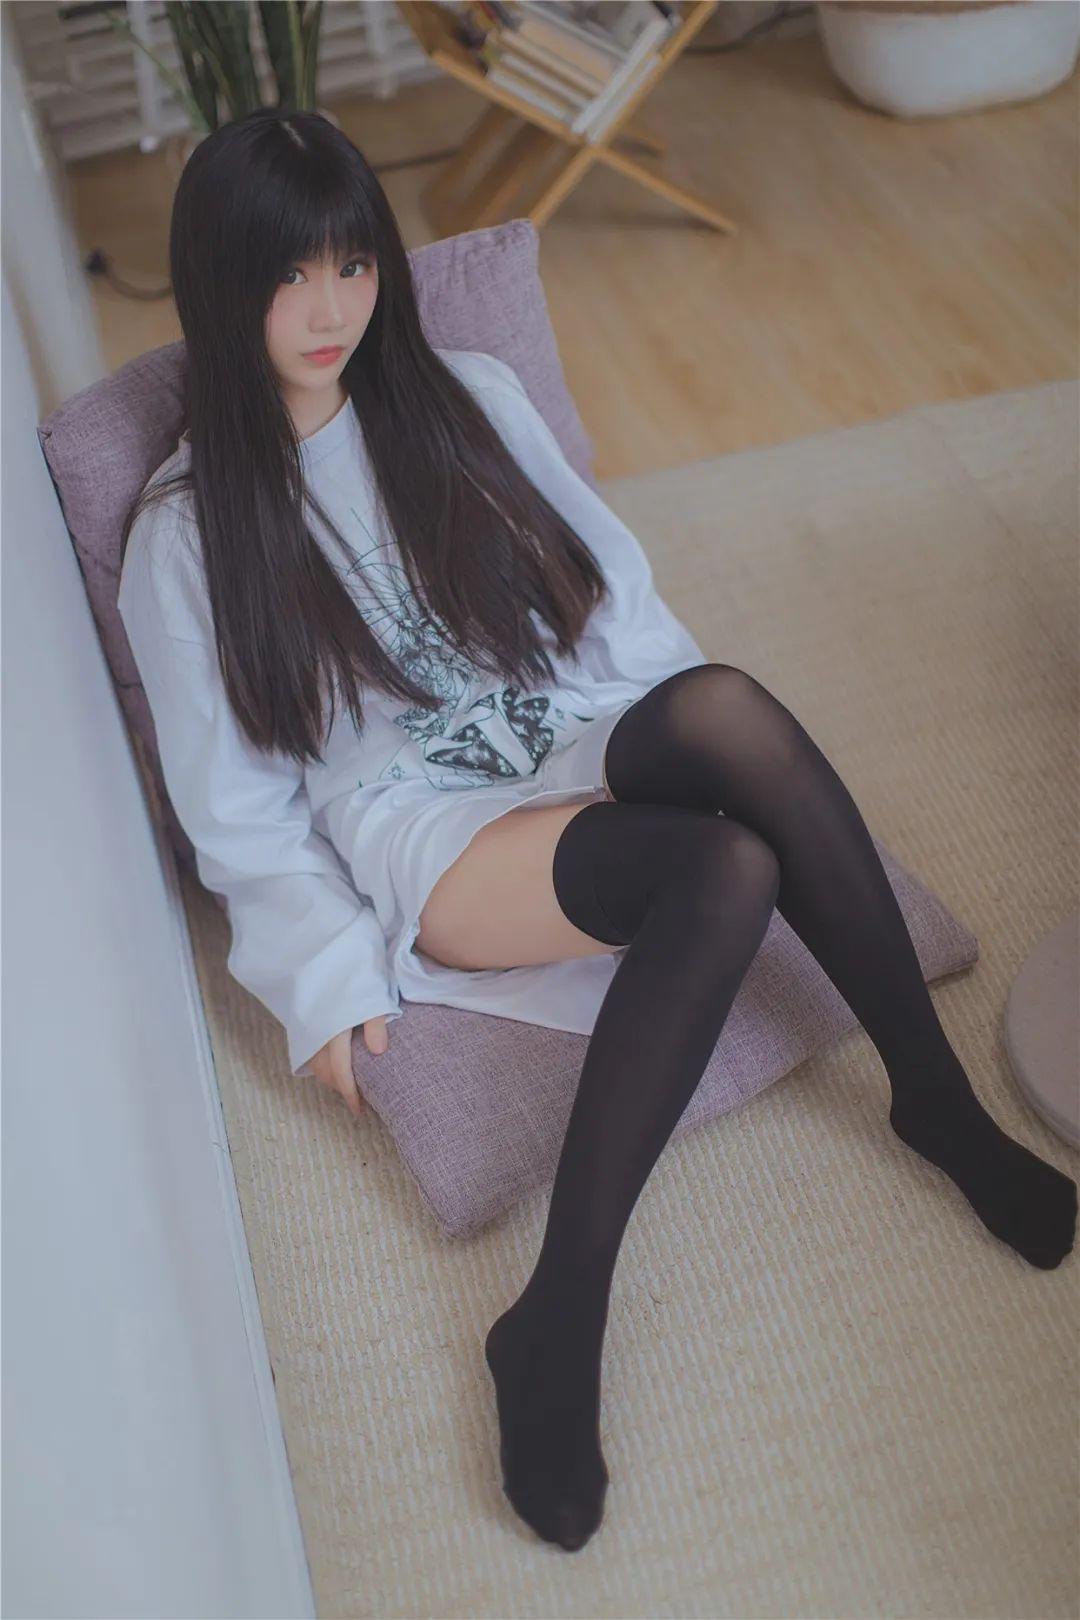 妹子摄影 – 休闲服与JK制服都超级棒的绝色少女 绝对领域_图片 No.1